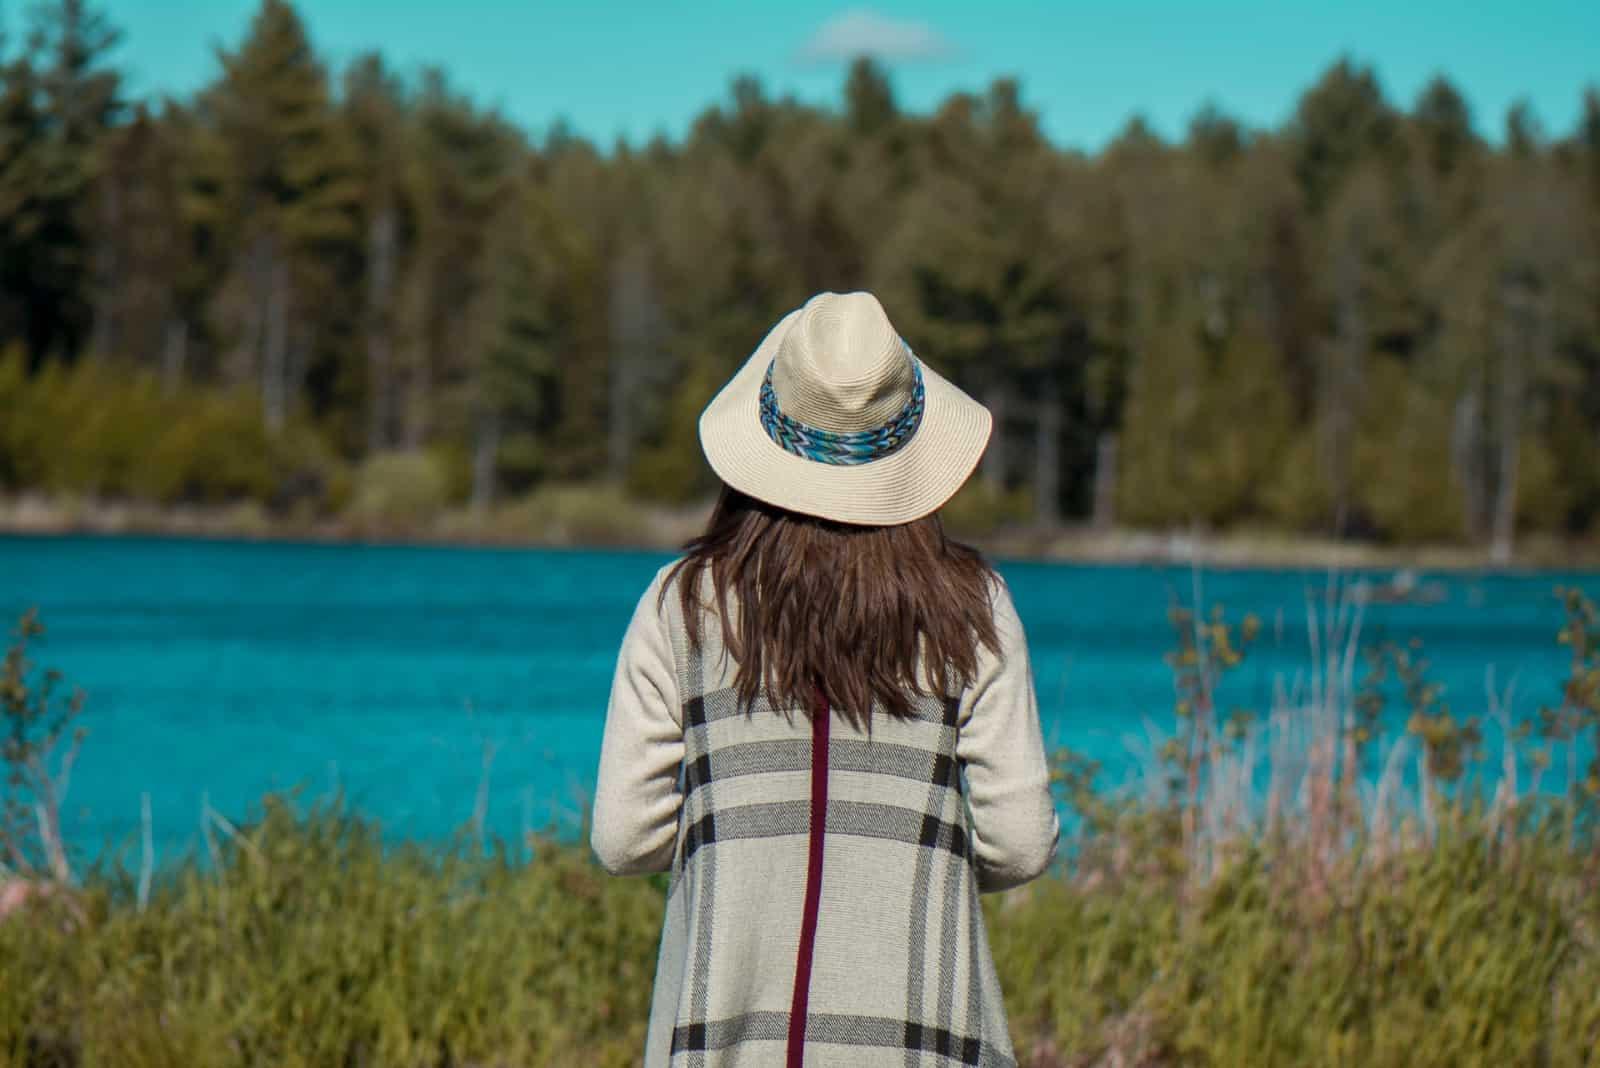 femme avec un chapeau regardant un lac